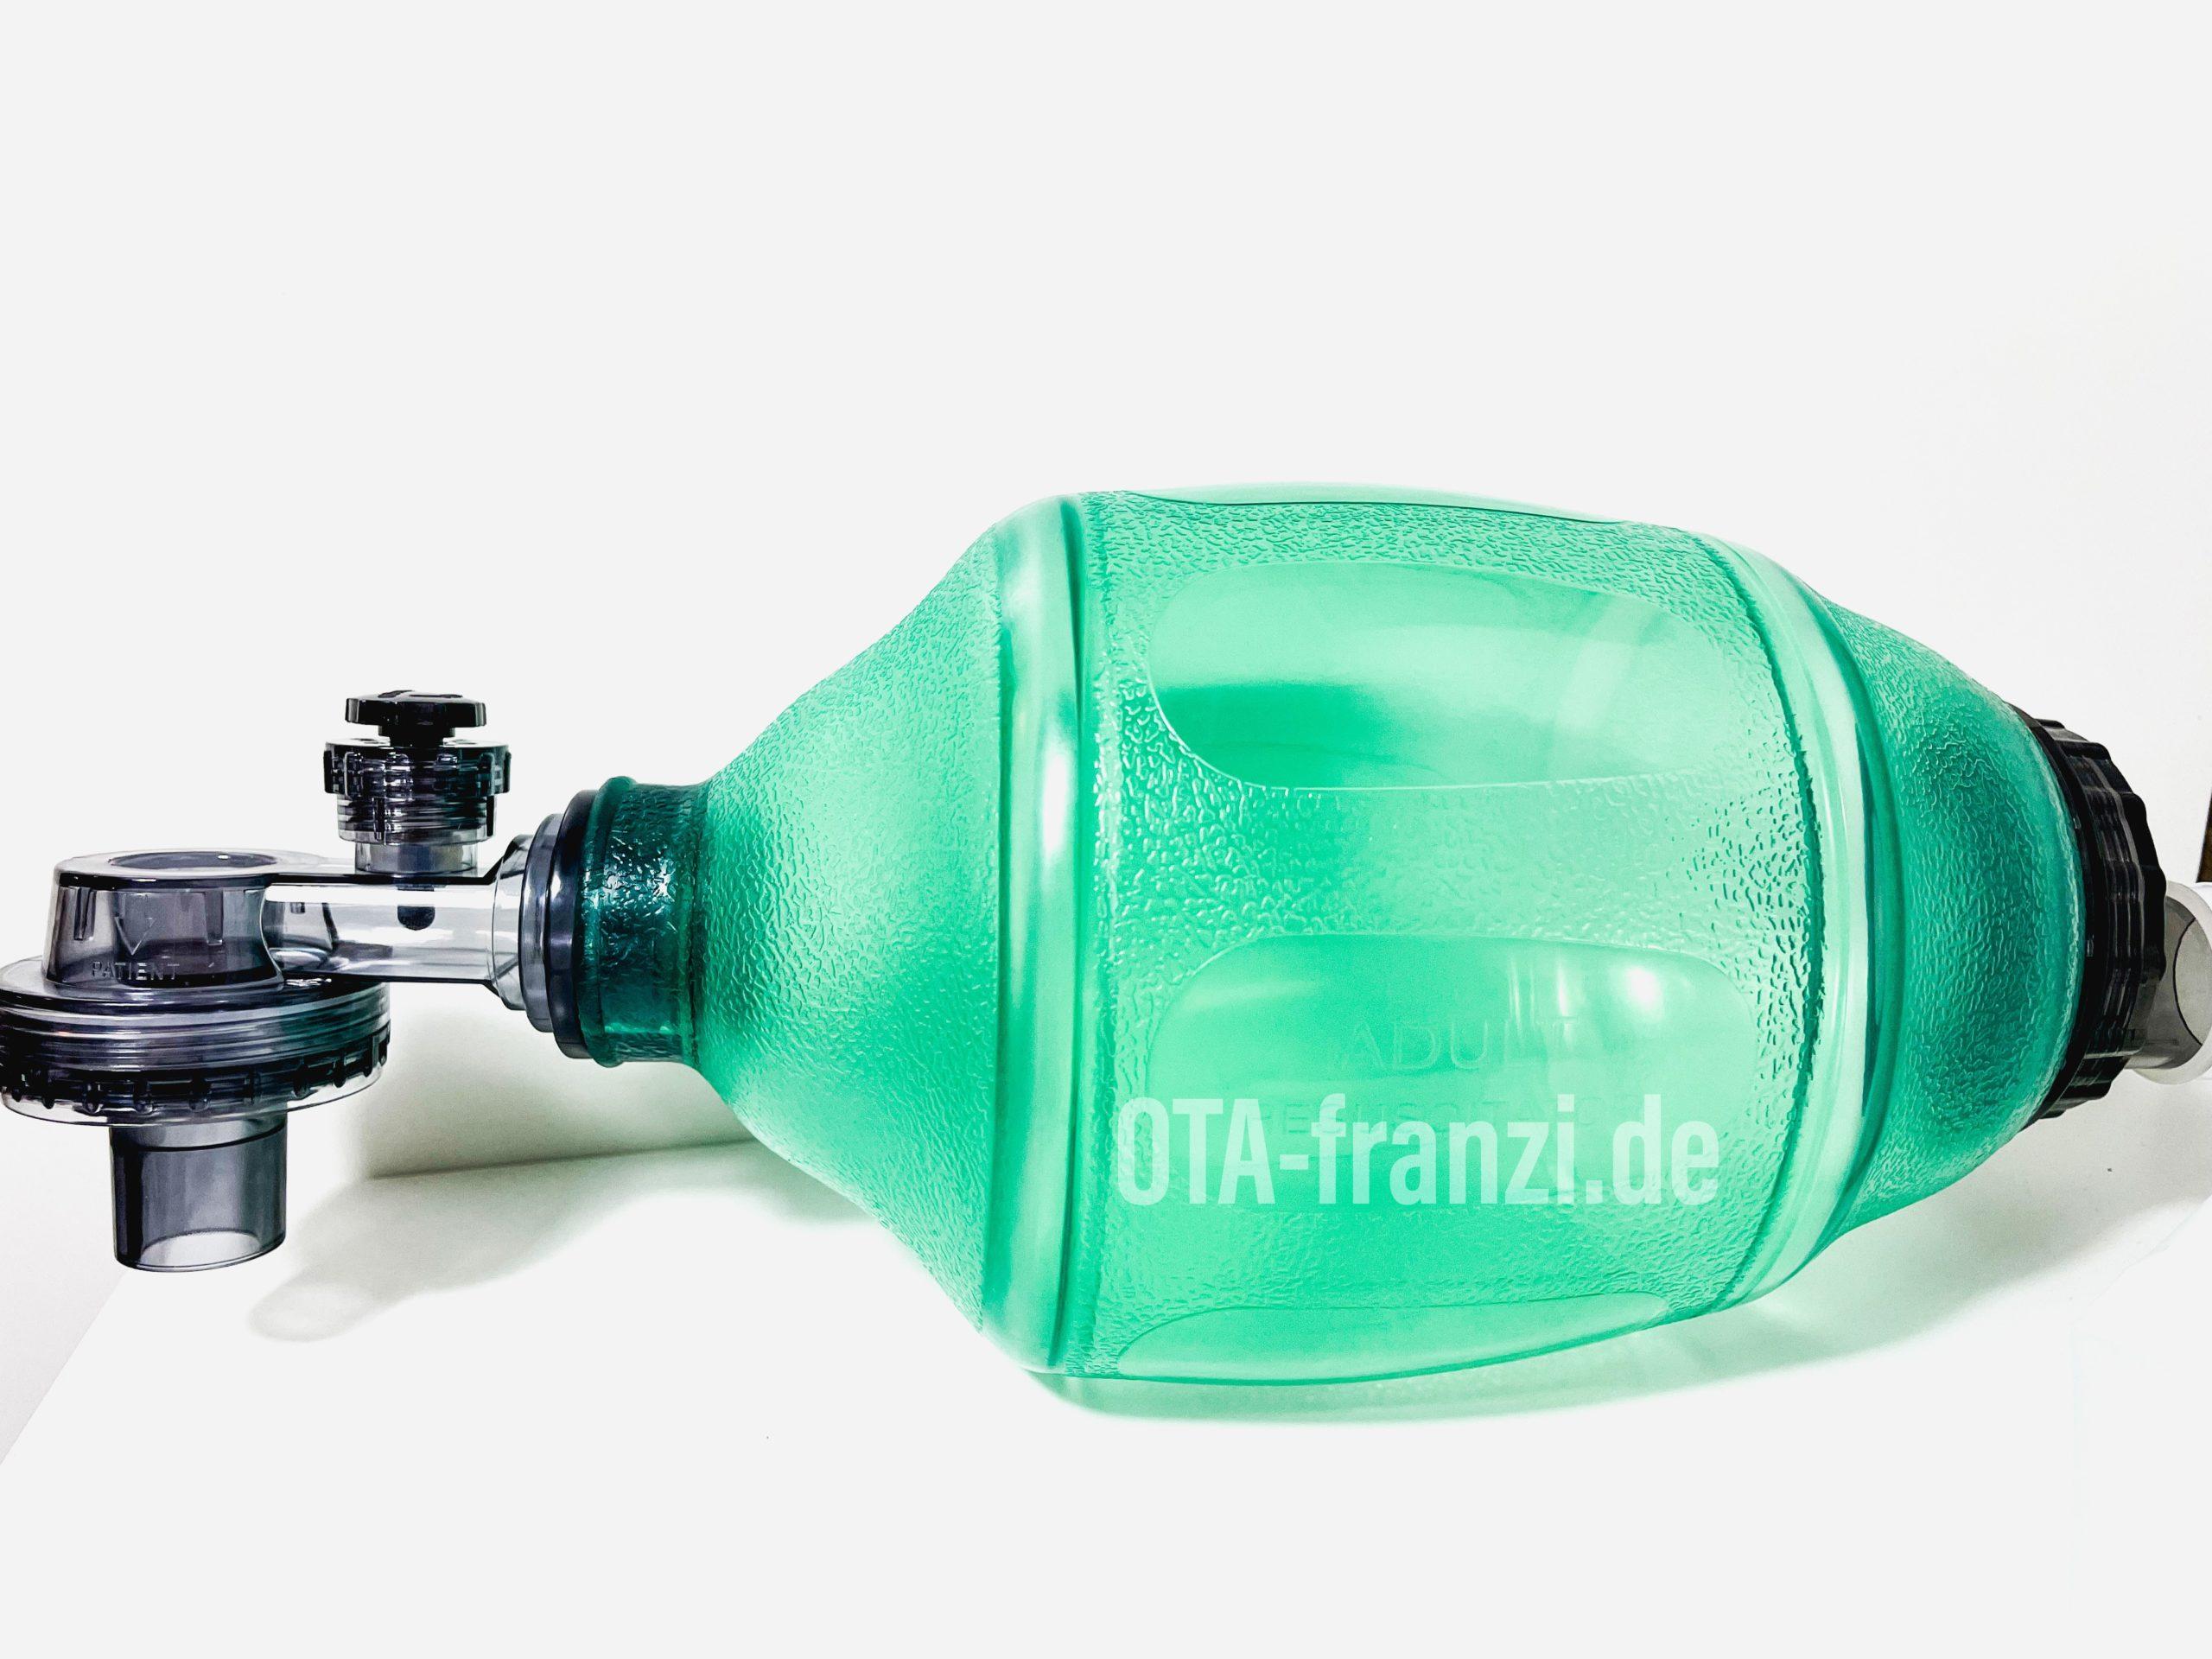 Beatmungsbeutel - zur Verfügung gestellt von pulox.de. OTA-franzi.de